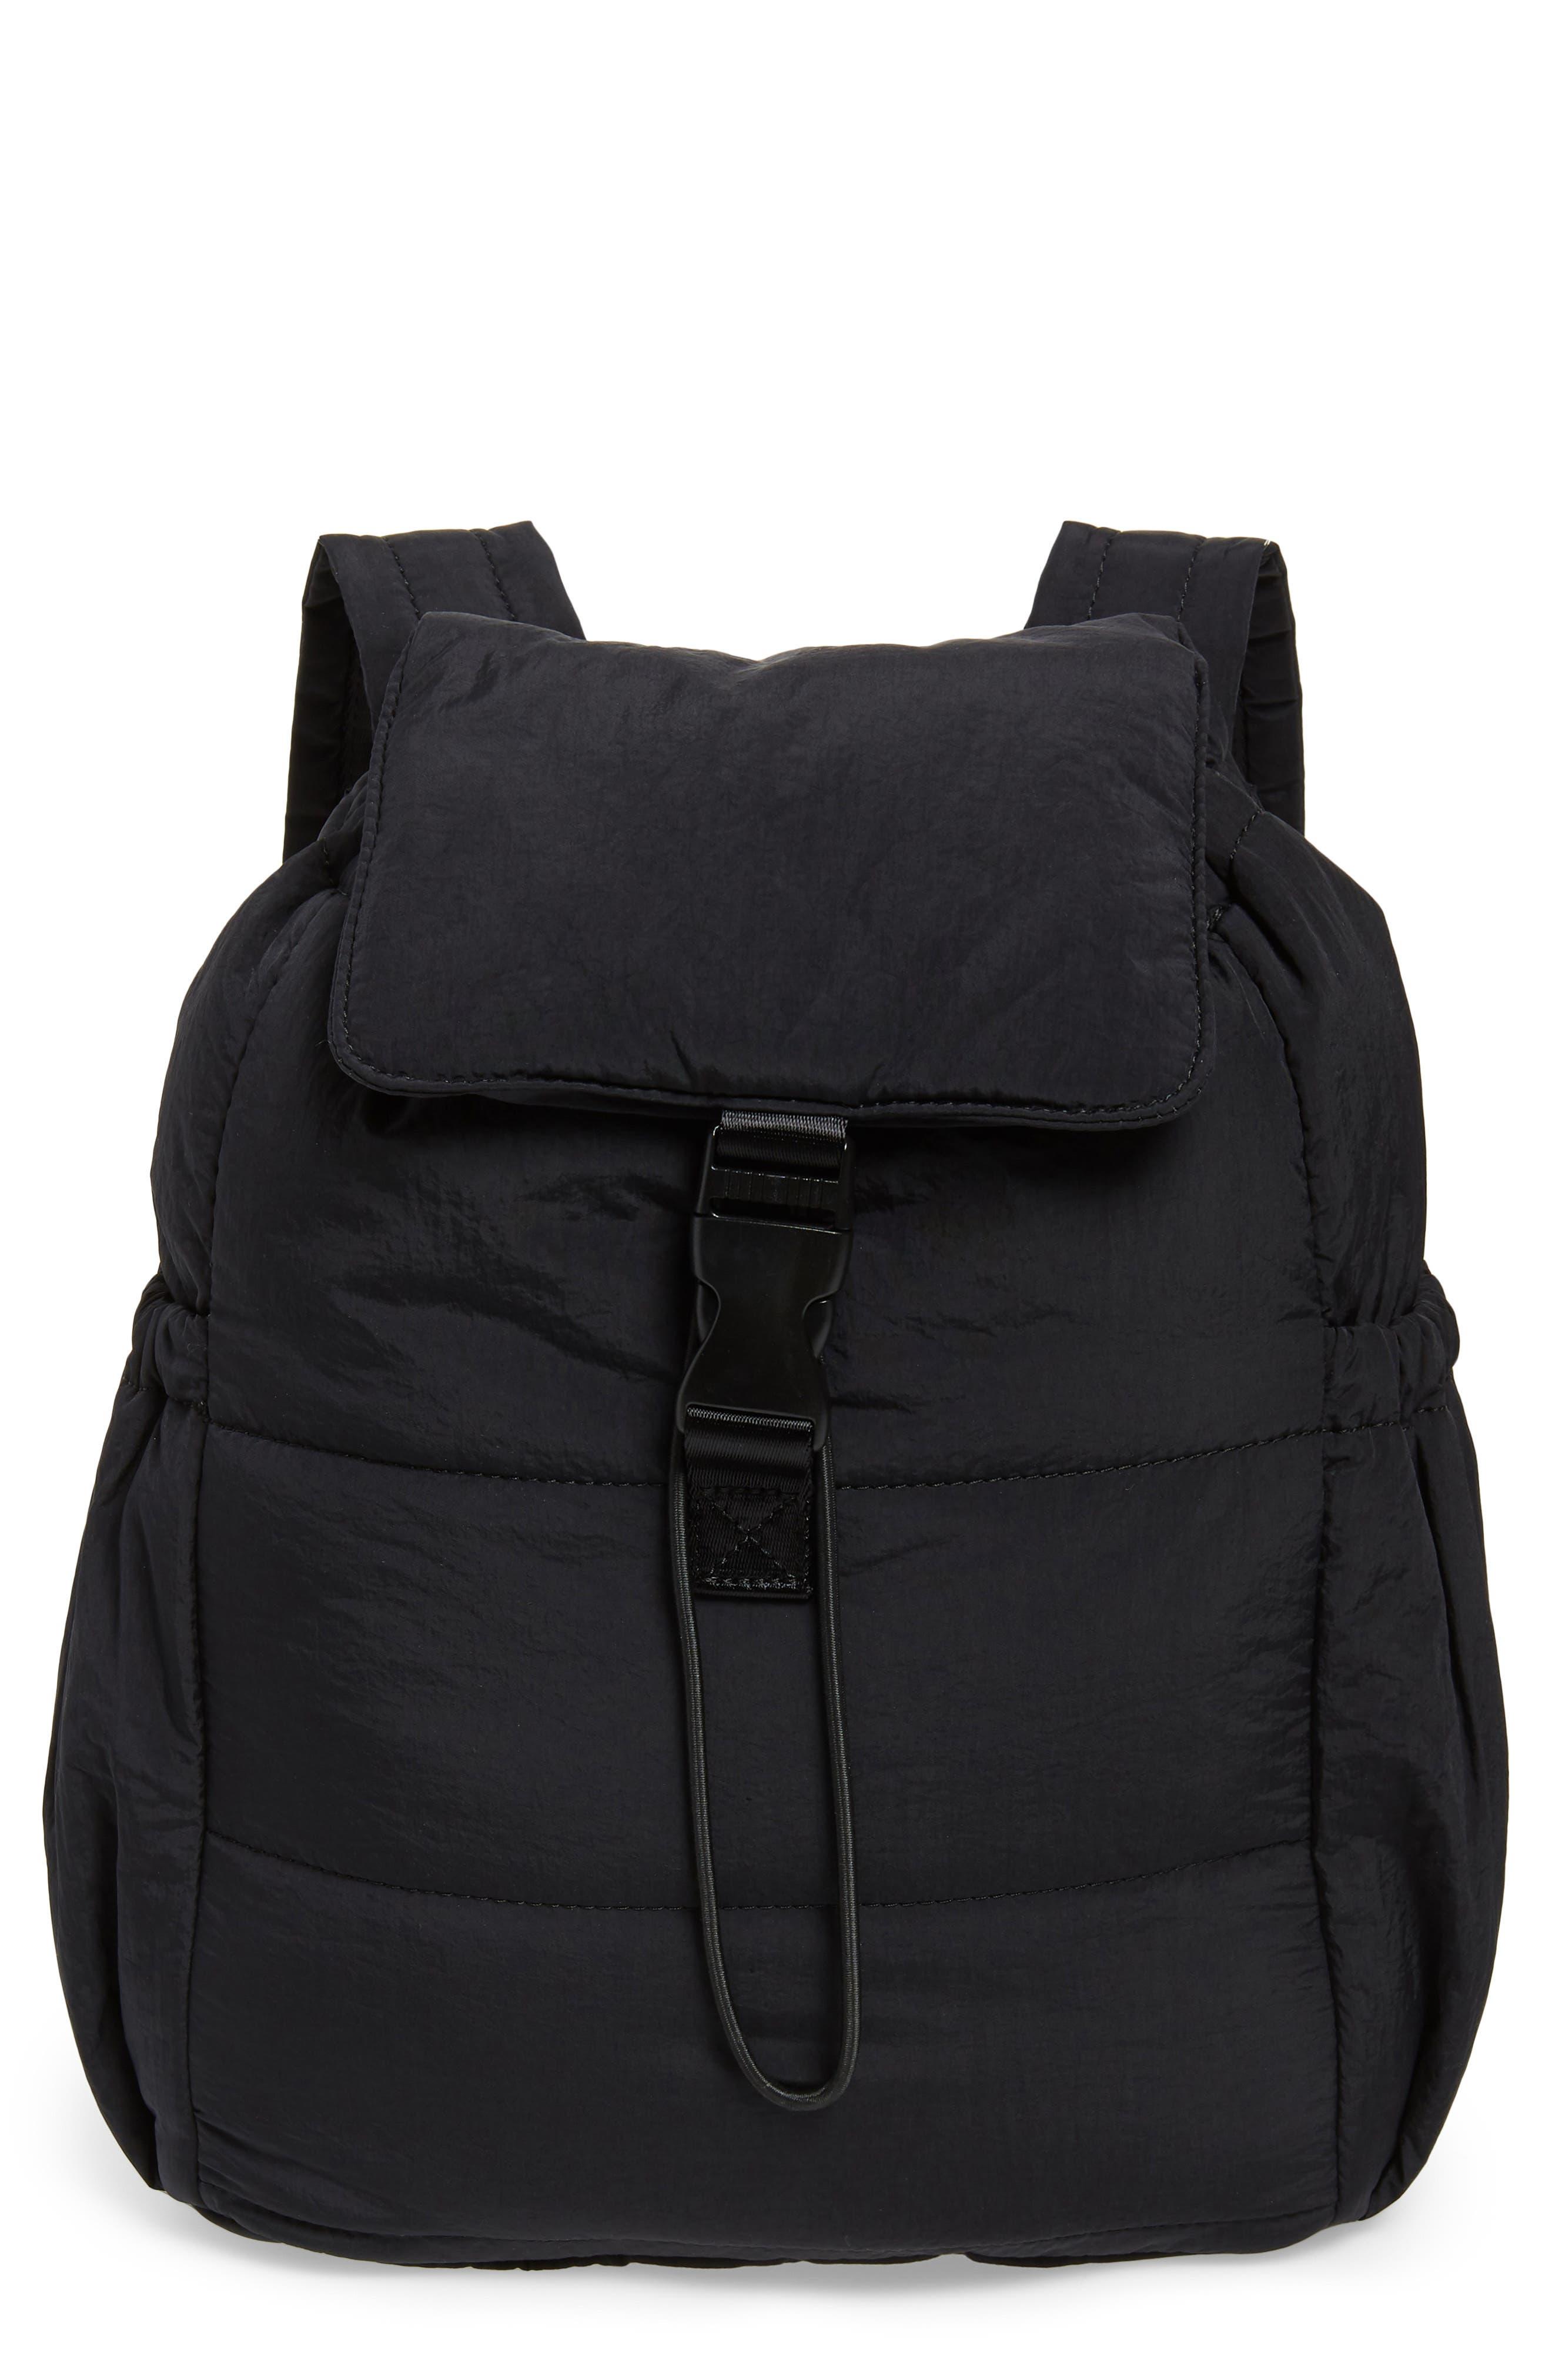 Teri Nylon Backpack,                             Main thumbnail 1, color,                             BLACK